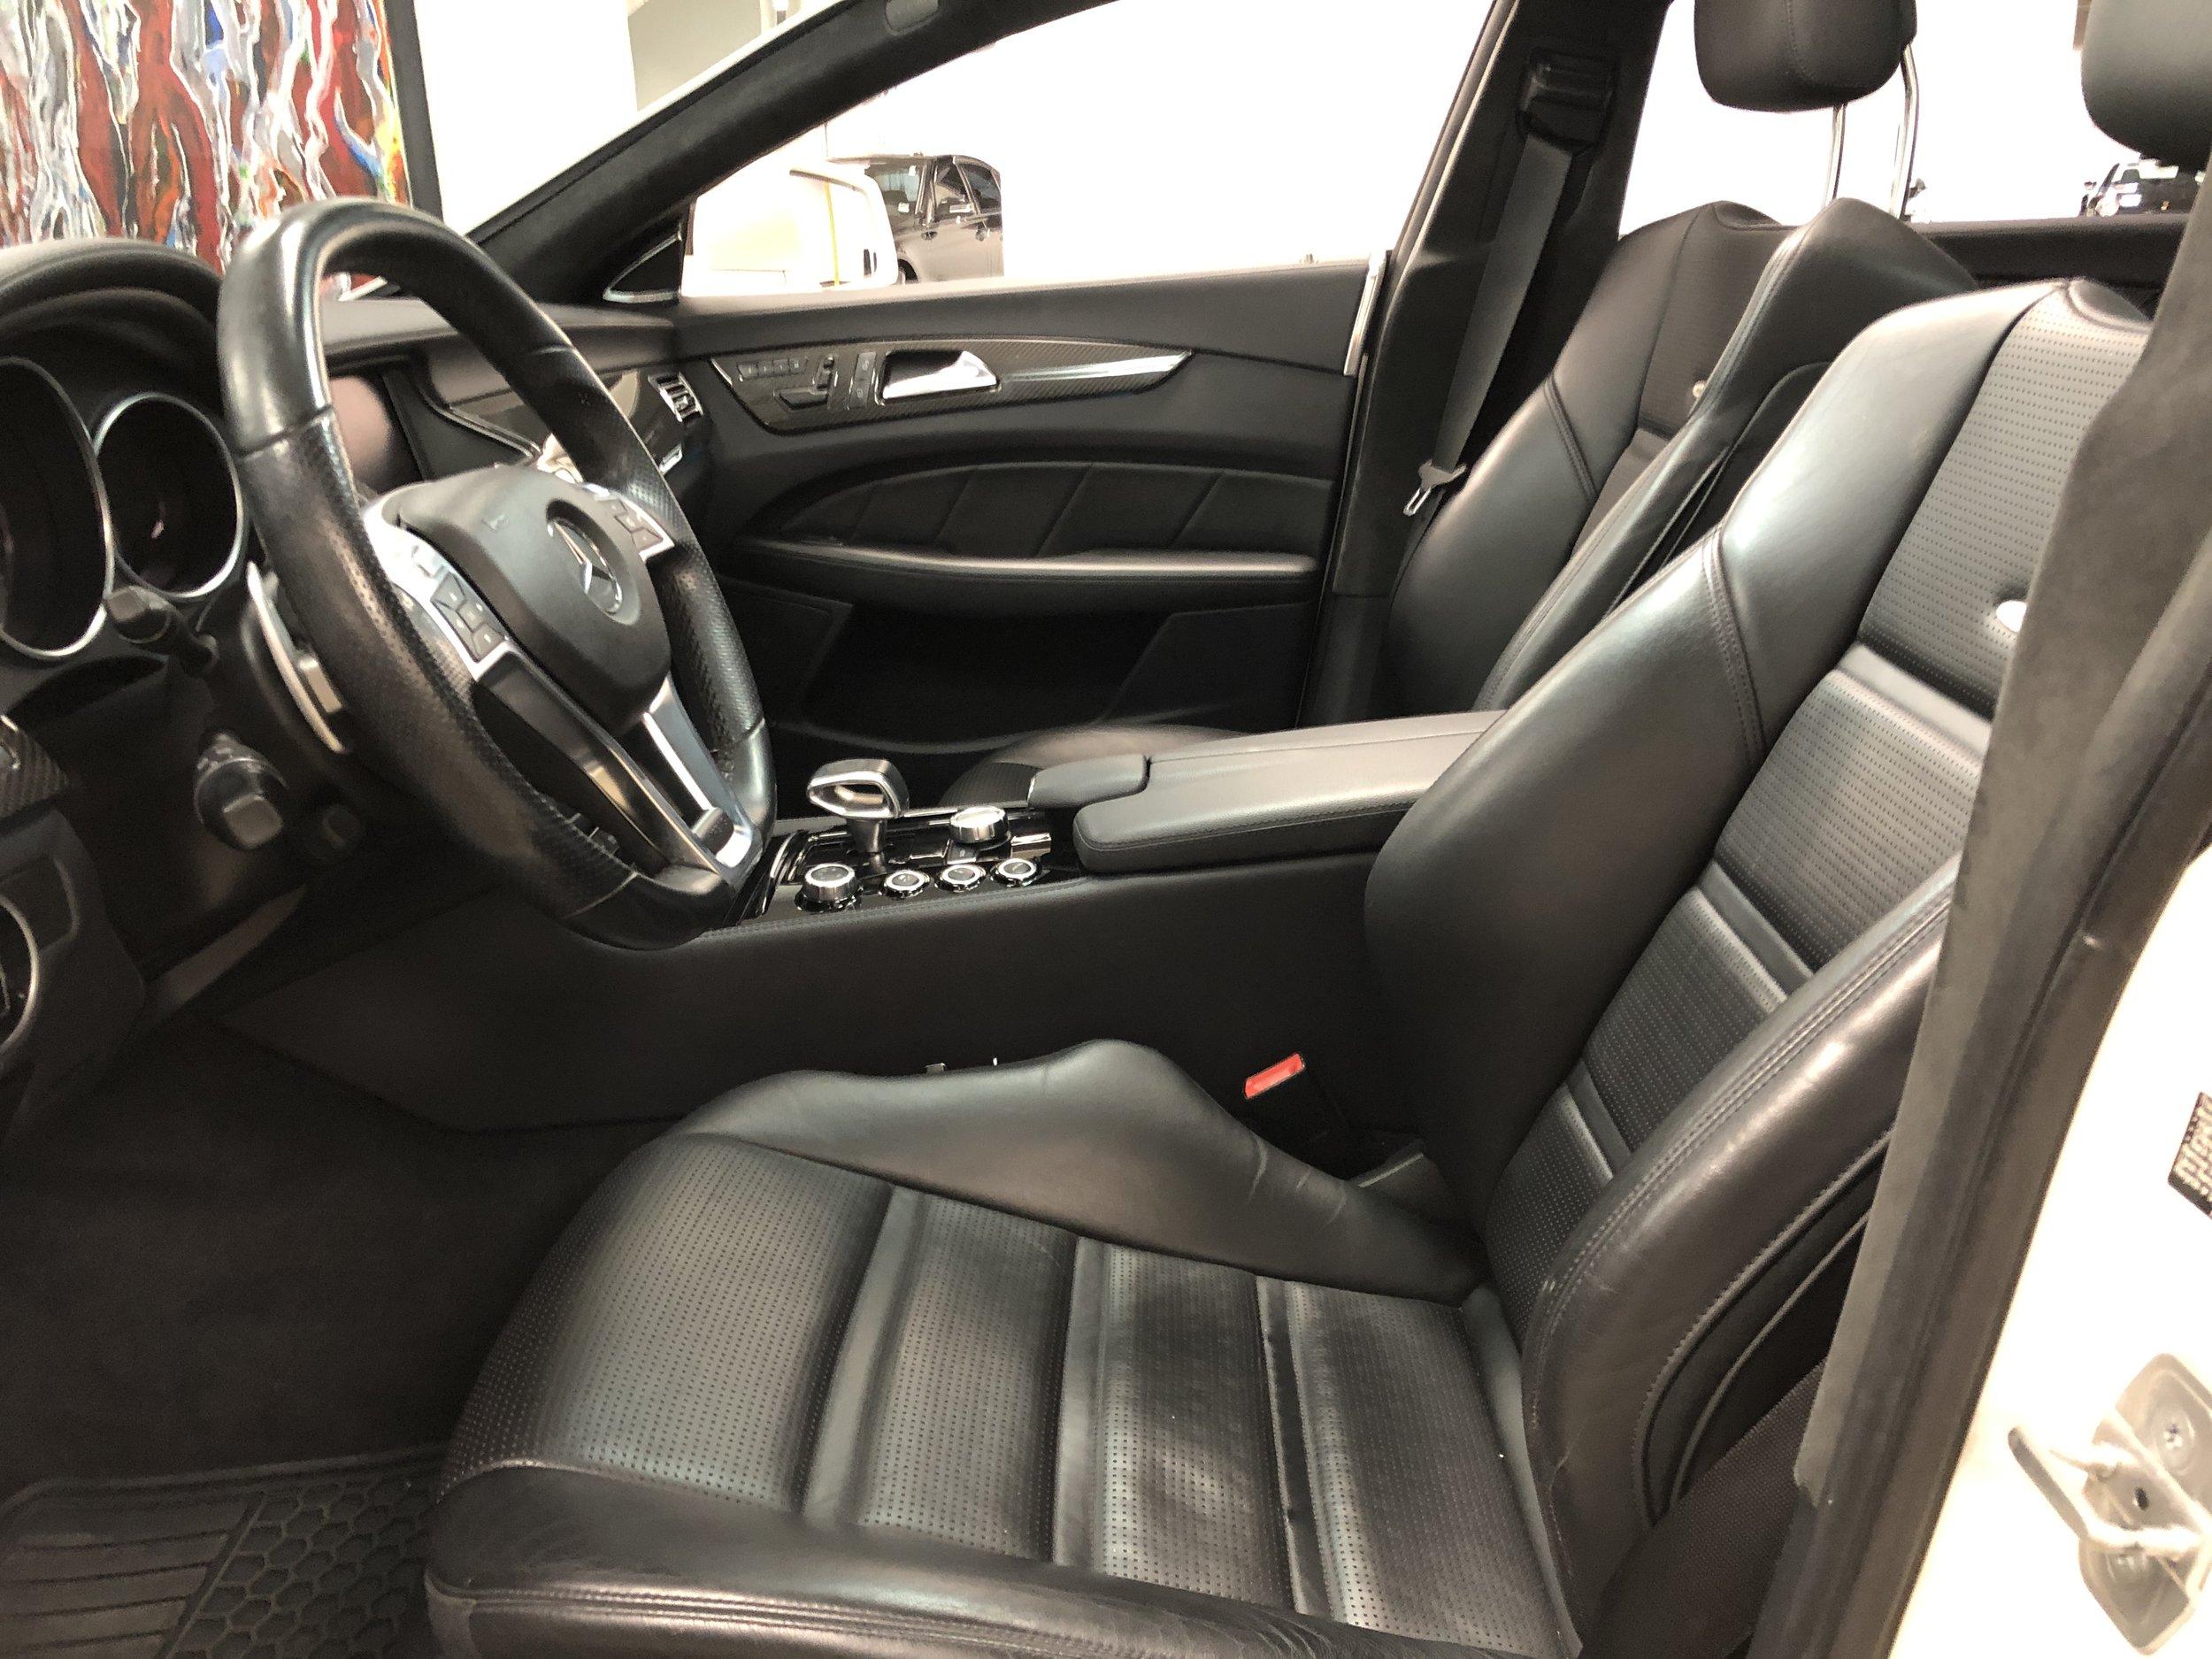 2012 Mercedes-Benz CLS 63 RENNTECH front Seats